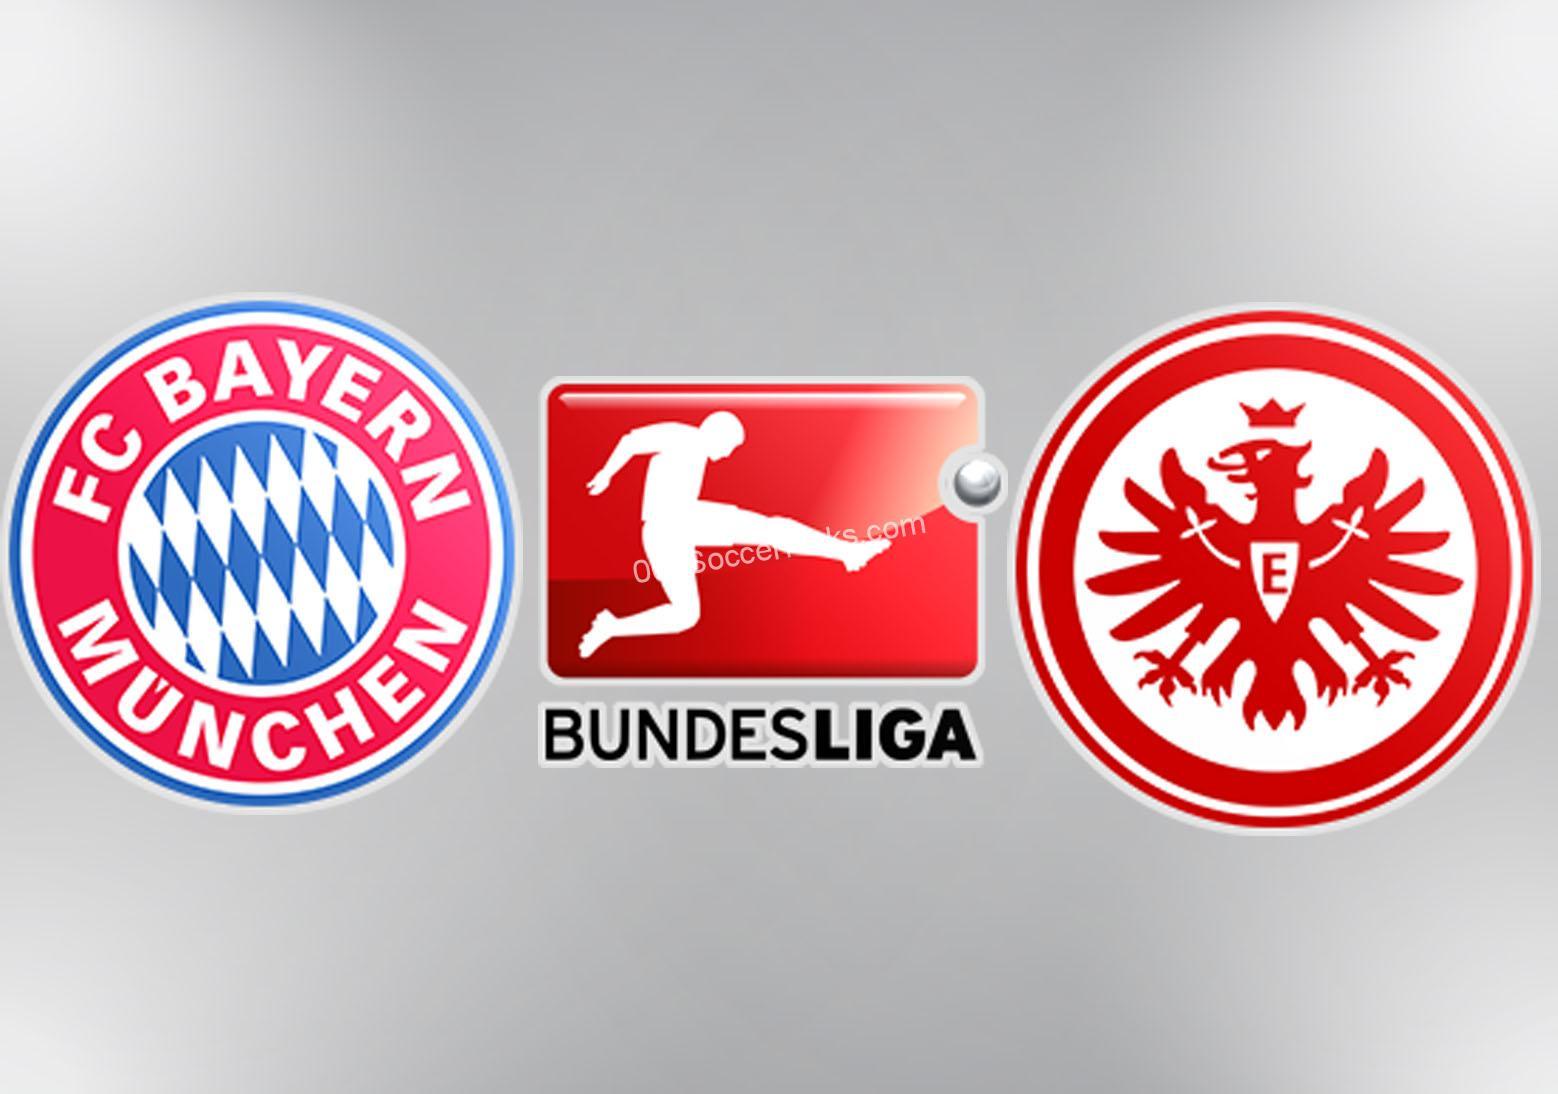 Bayern-Munich-vs-Eintracht-Frankfurt